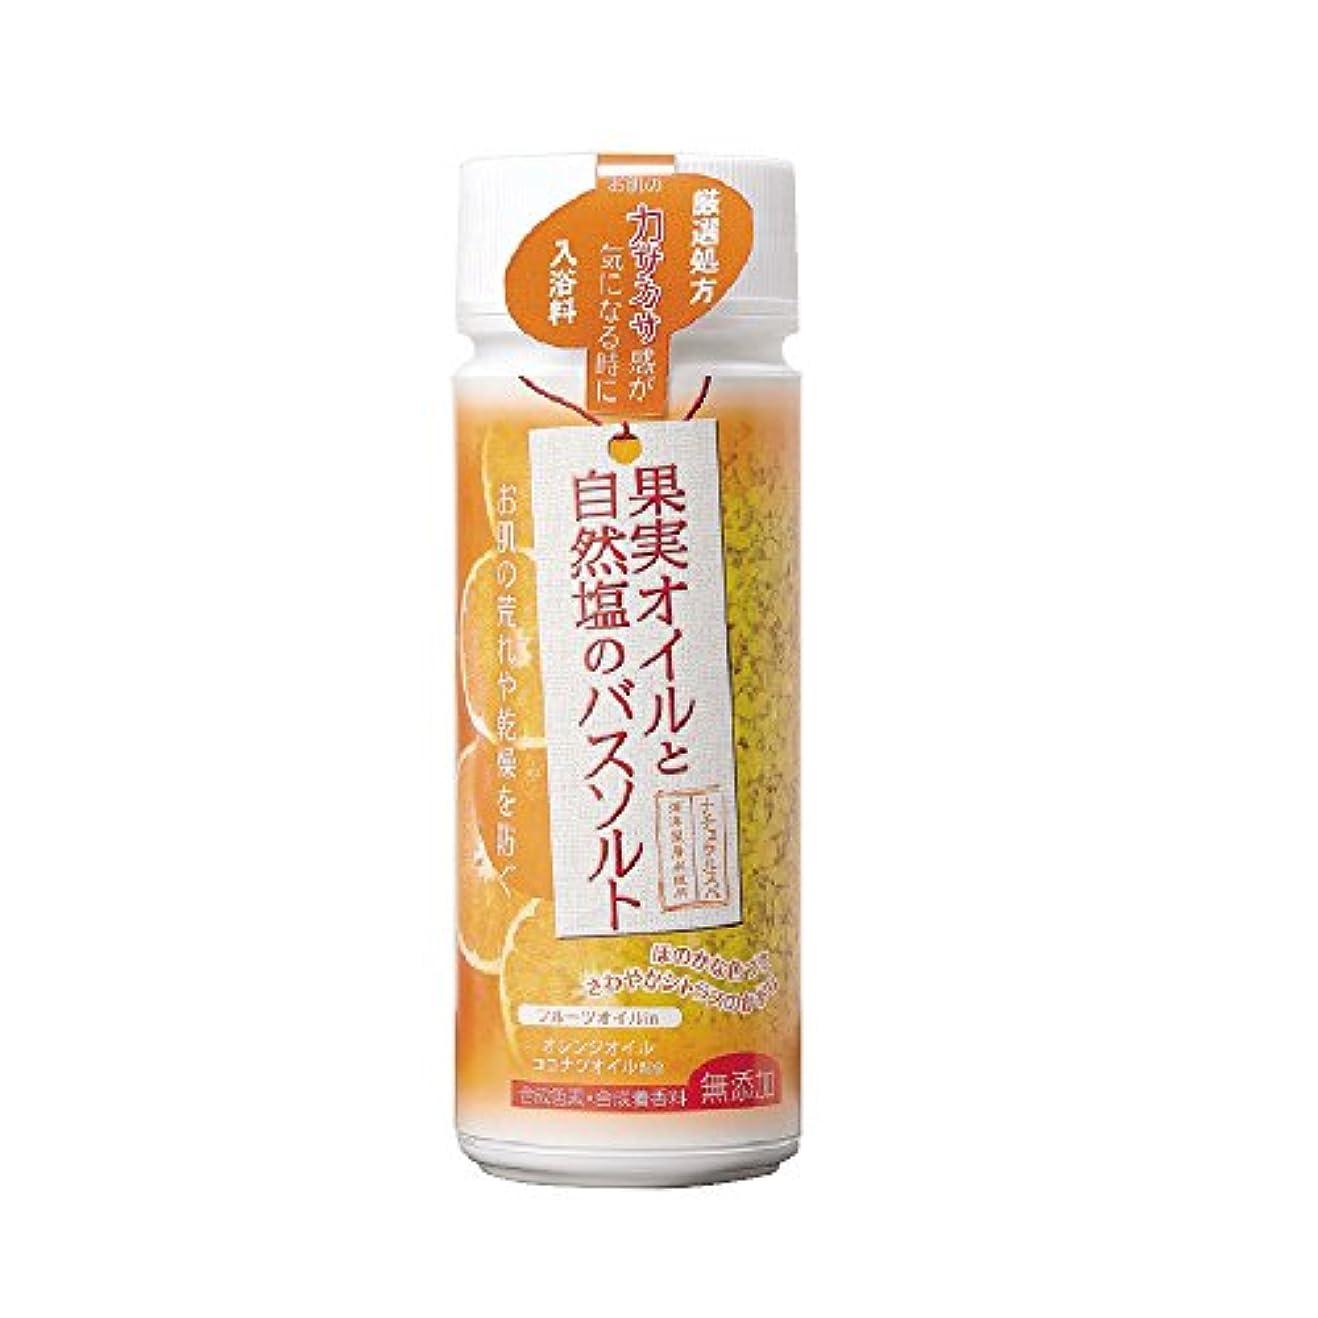 専門用語ペイント米国五洲薬品 ナチュラルスパ 果実オイルボトル 630g